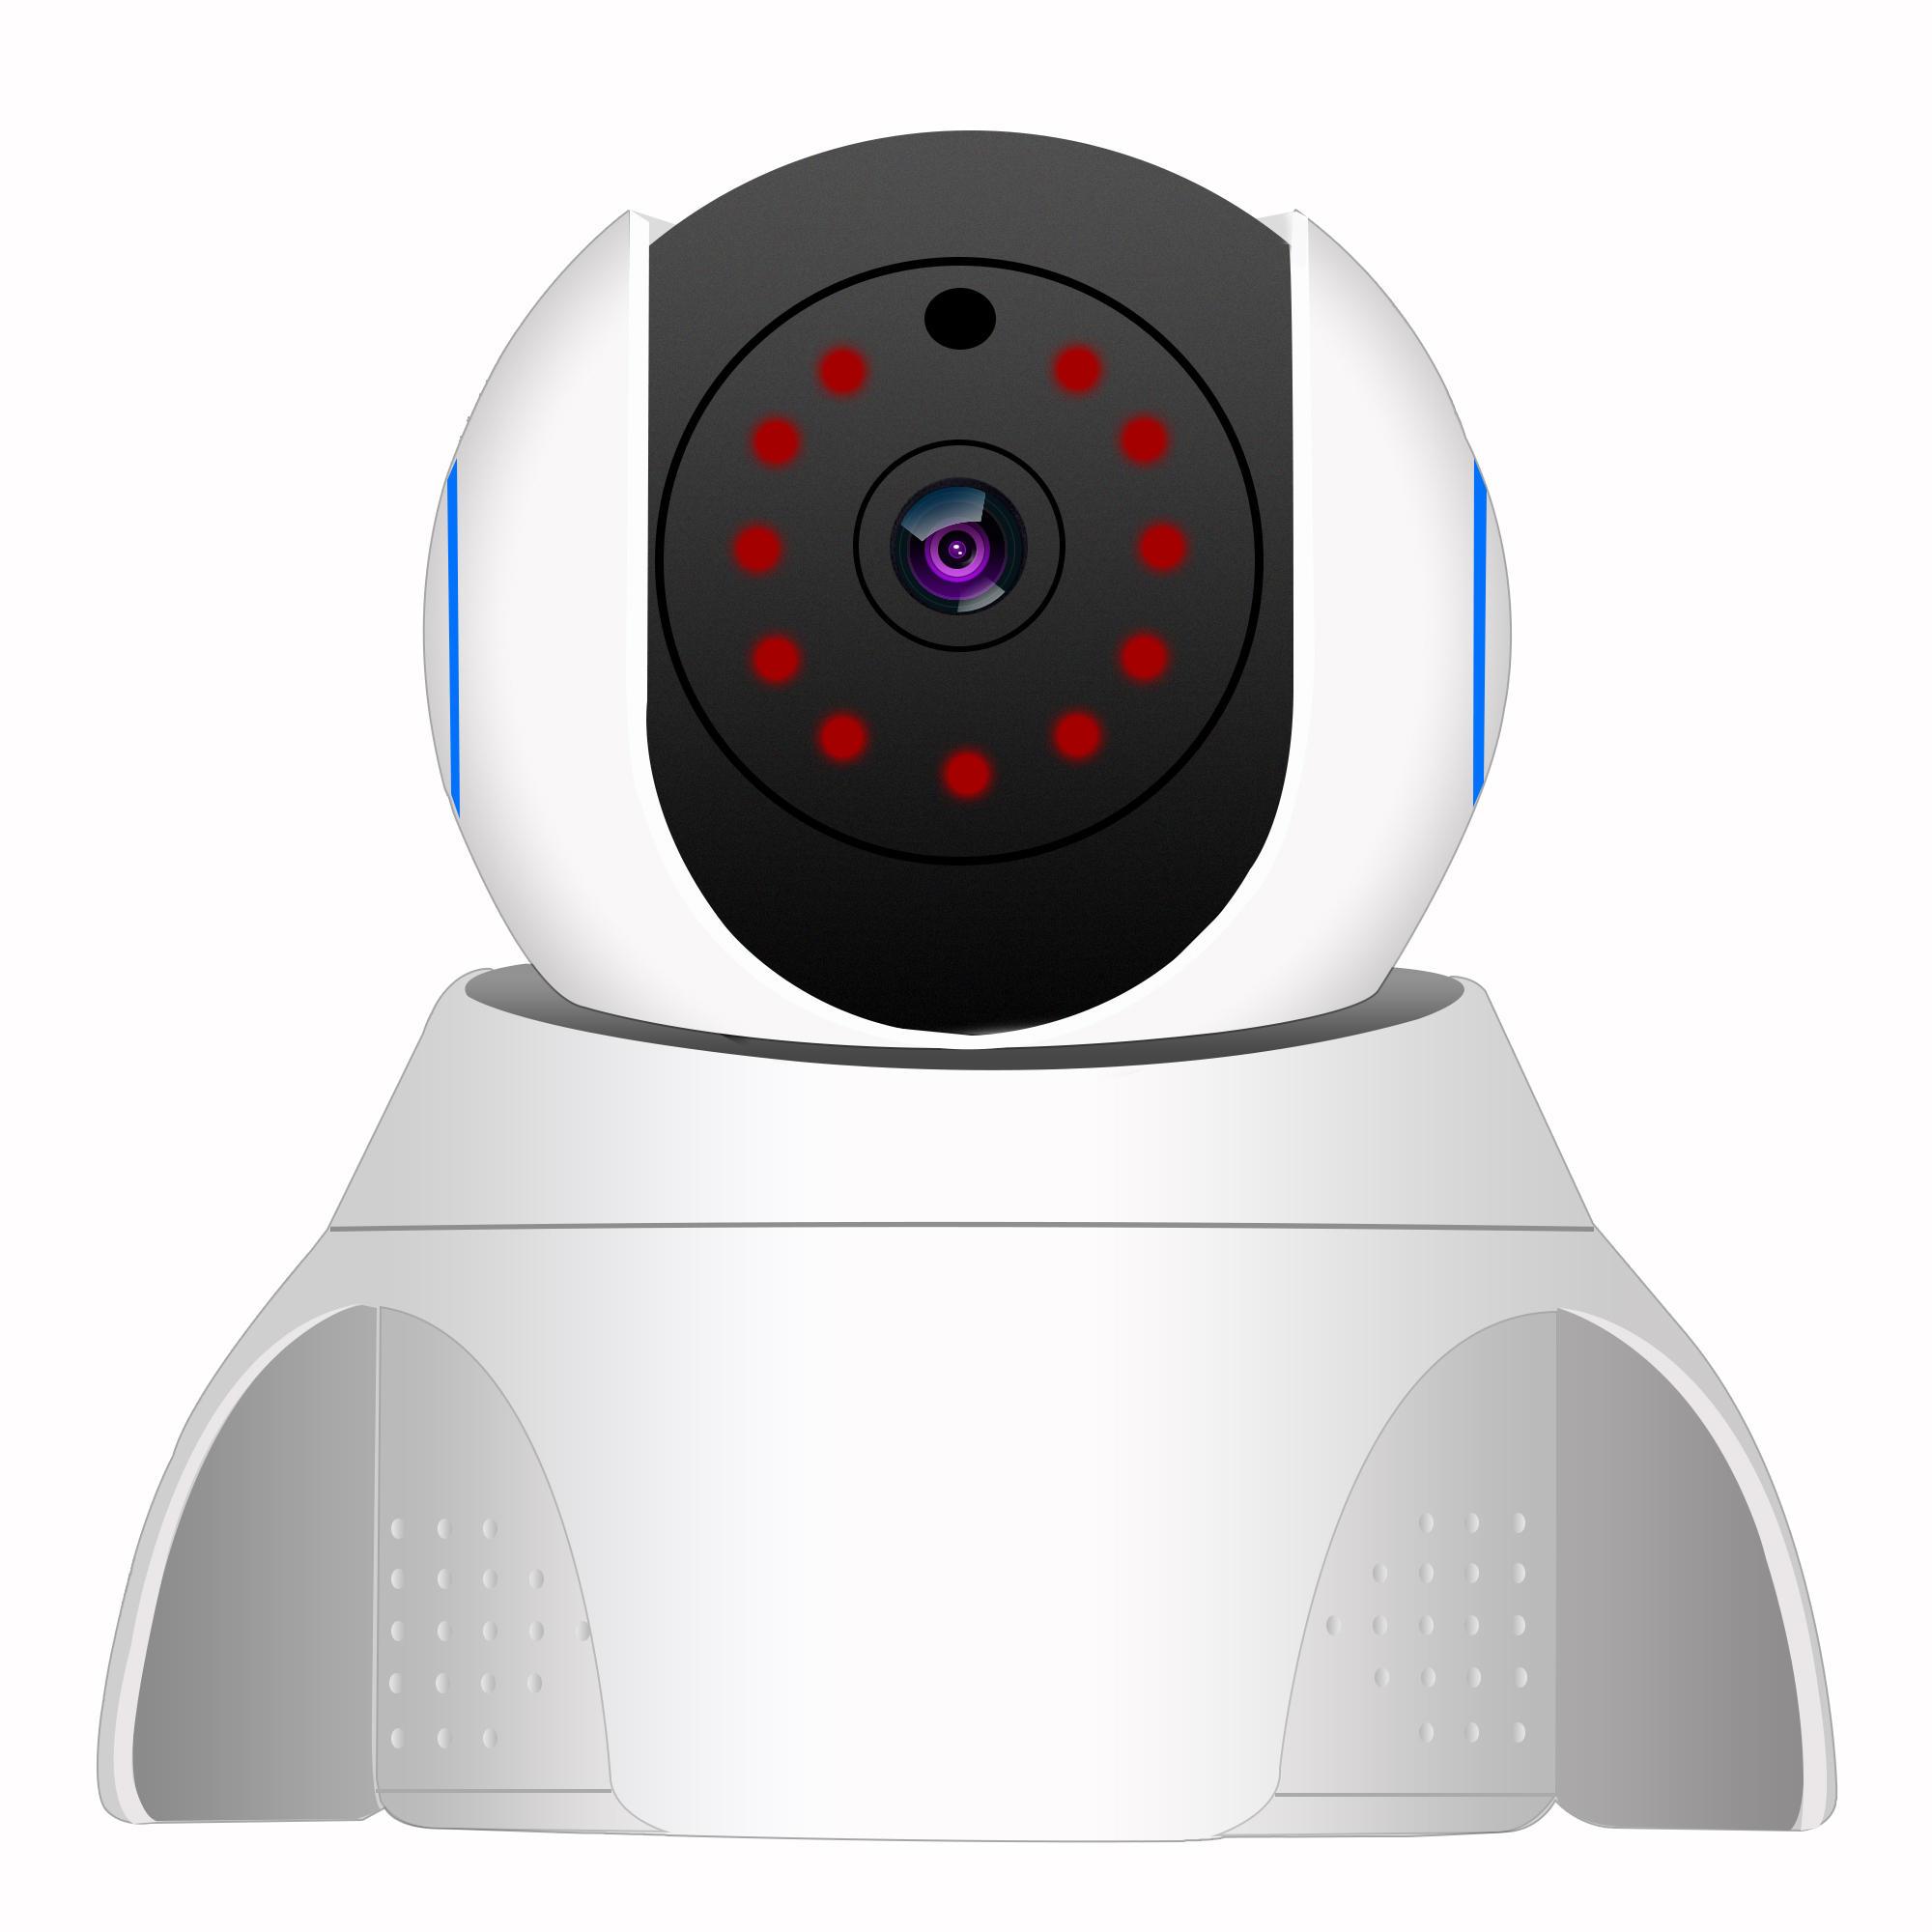 Système de caméra de vidéosurveillance CCTV vision nocturne avec / sans fil Wifi de sécurité 1080p IP / caméra IP